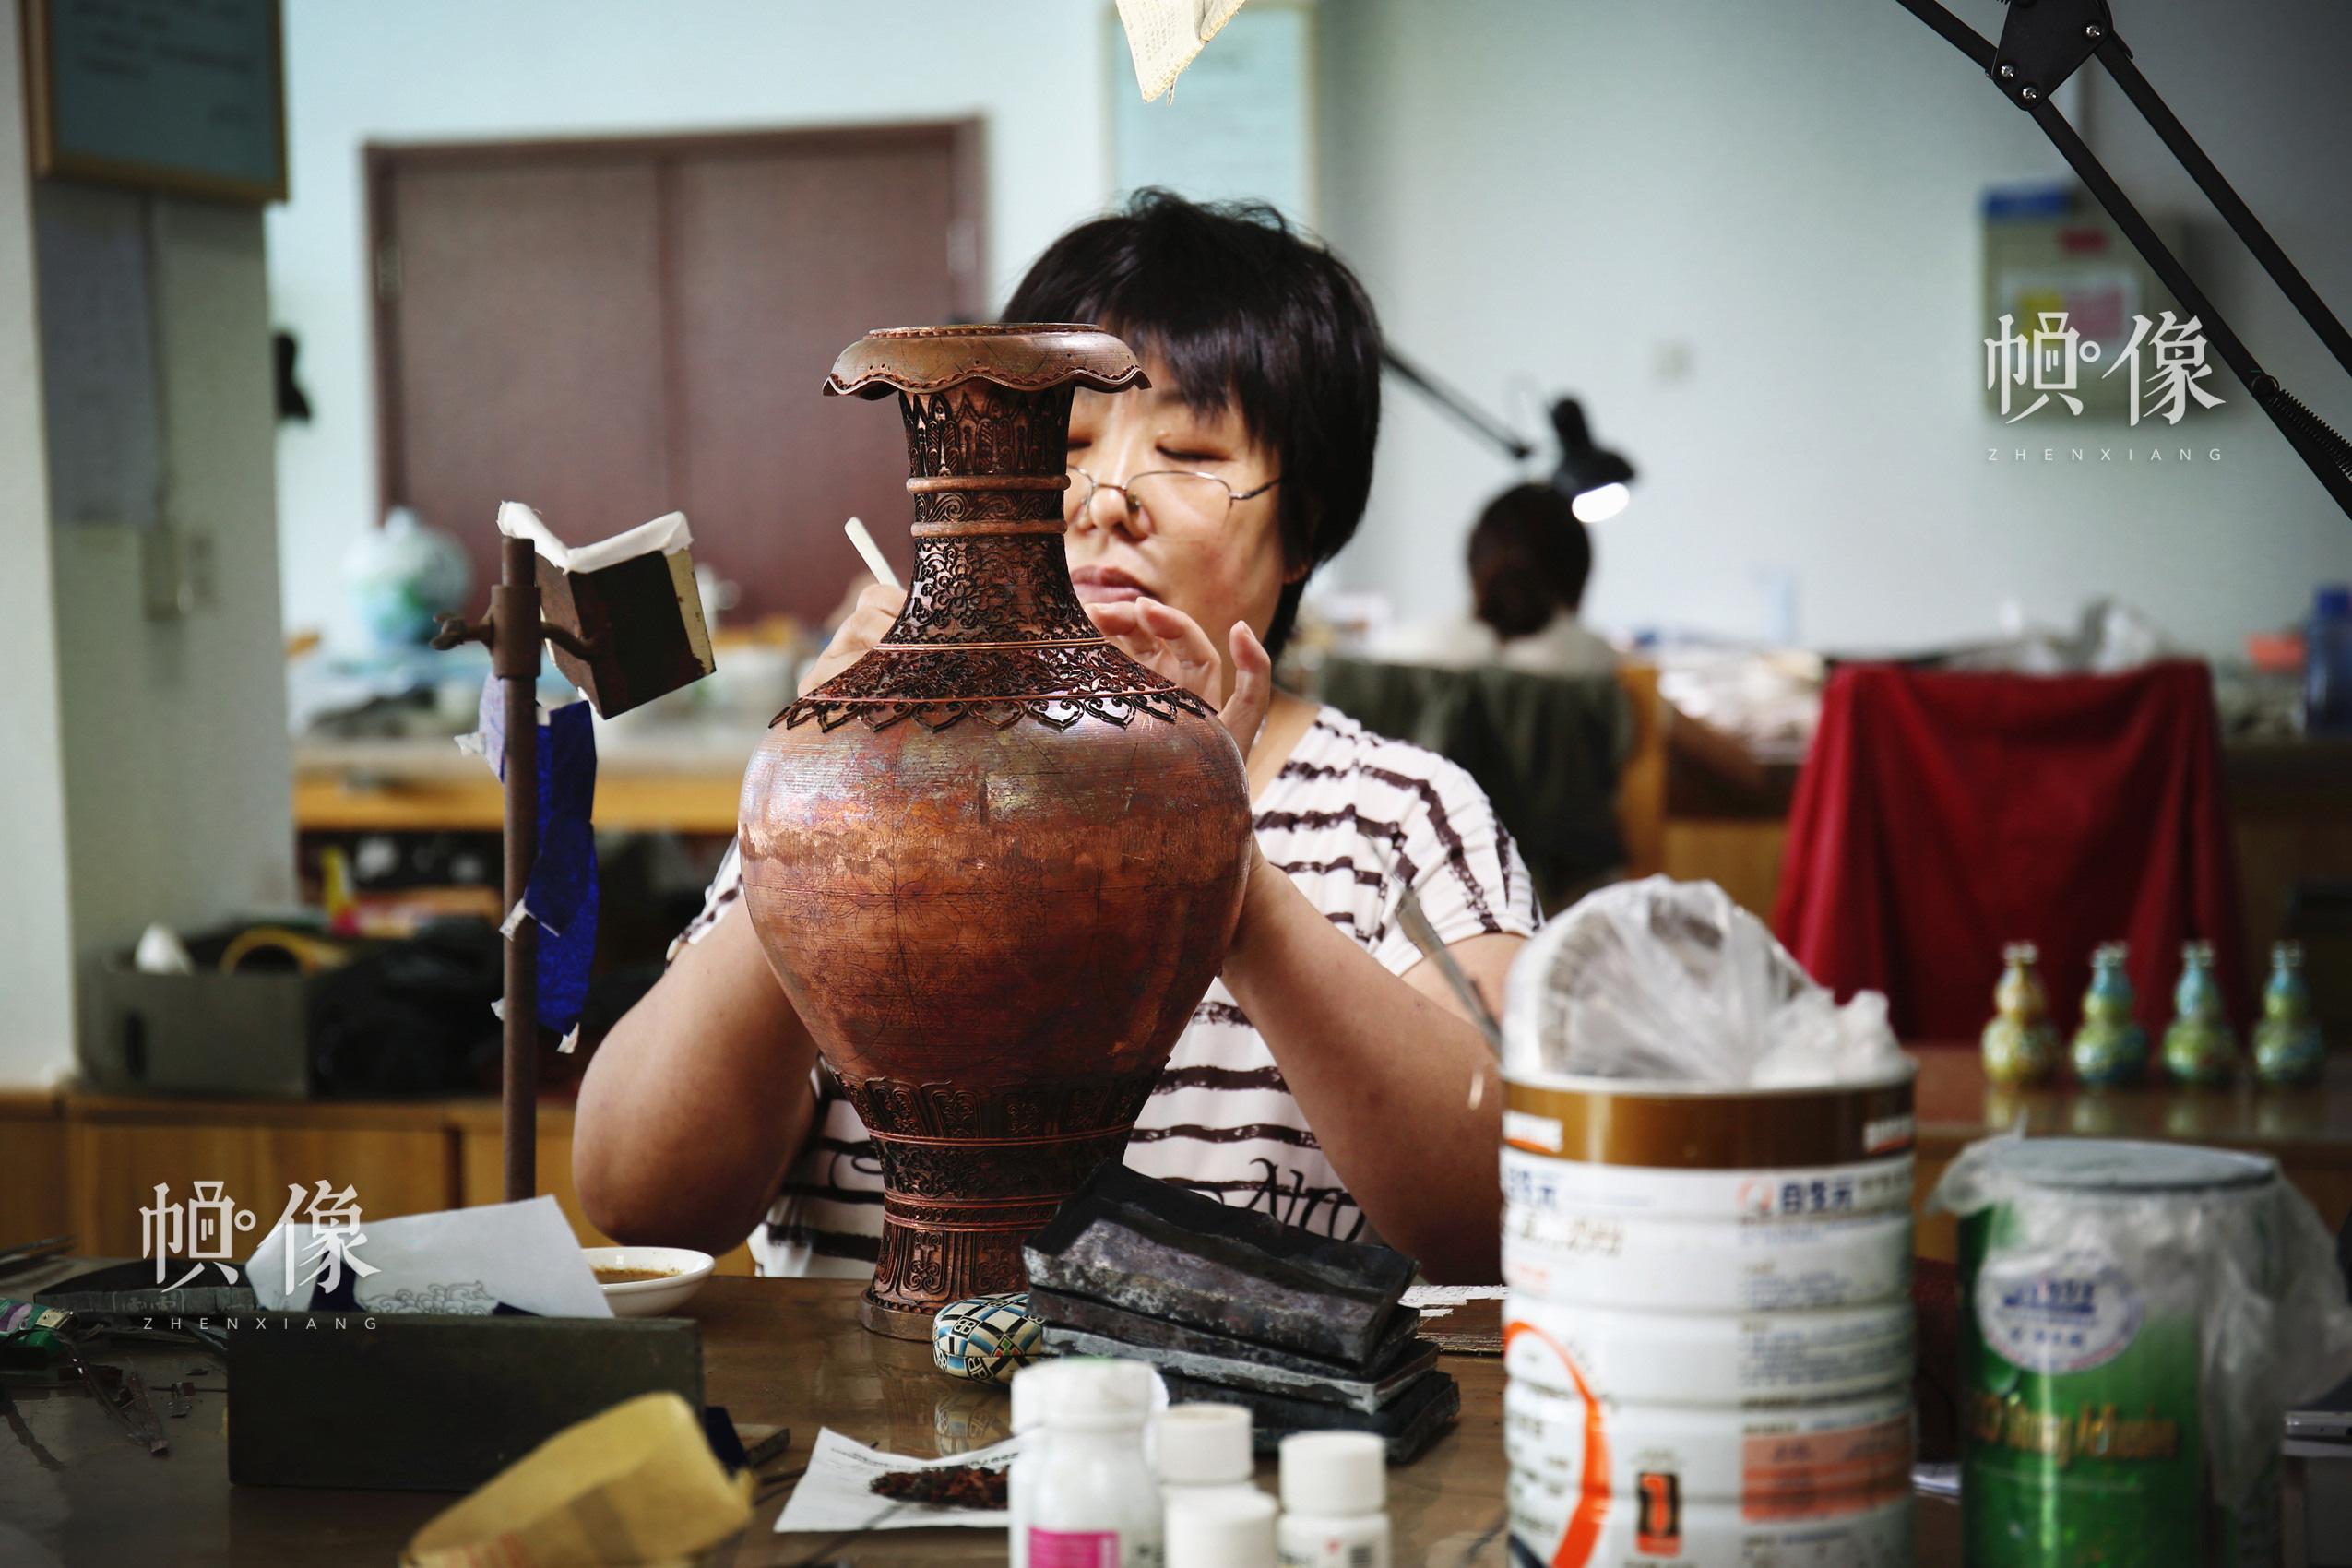 2017年9月5日,景泰蓝工匠将制作好的铜丝贴在铜胚上。中国网记者 赵超 摄